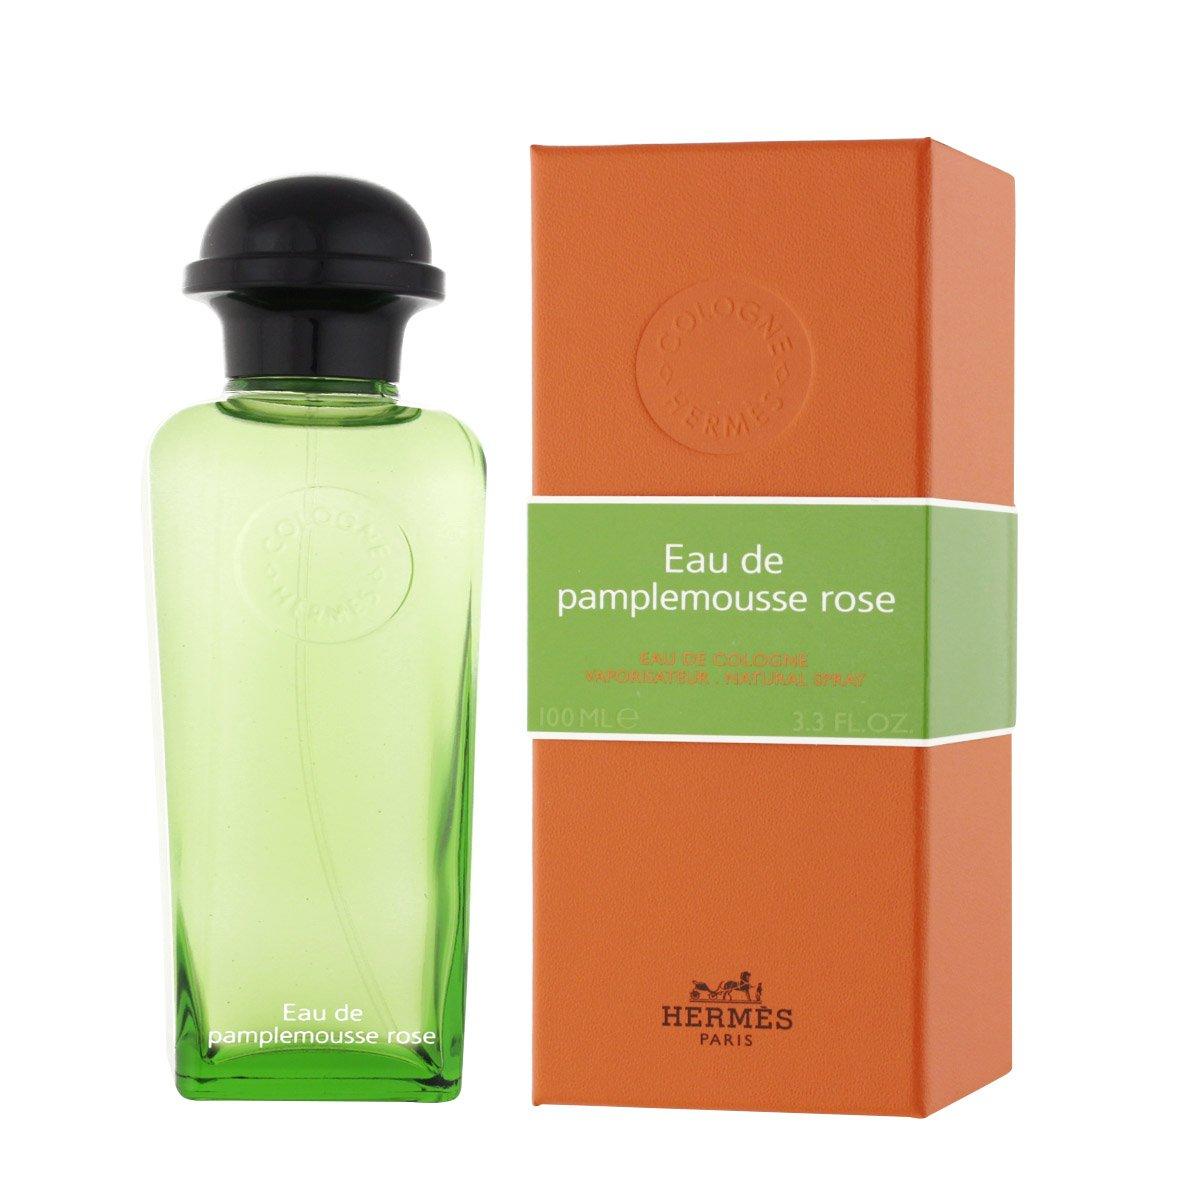 EAU DE PAMPLEMOUSSE ROSE edc vaporizador 100 ml Hermès S0511815 SB11367040106